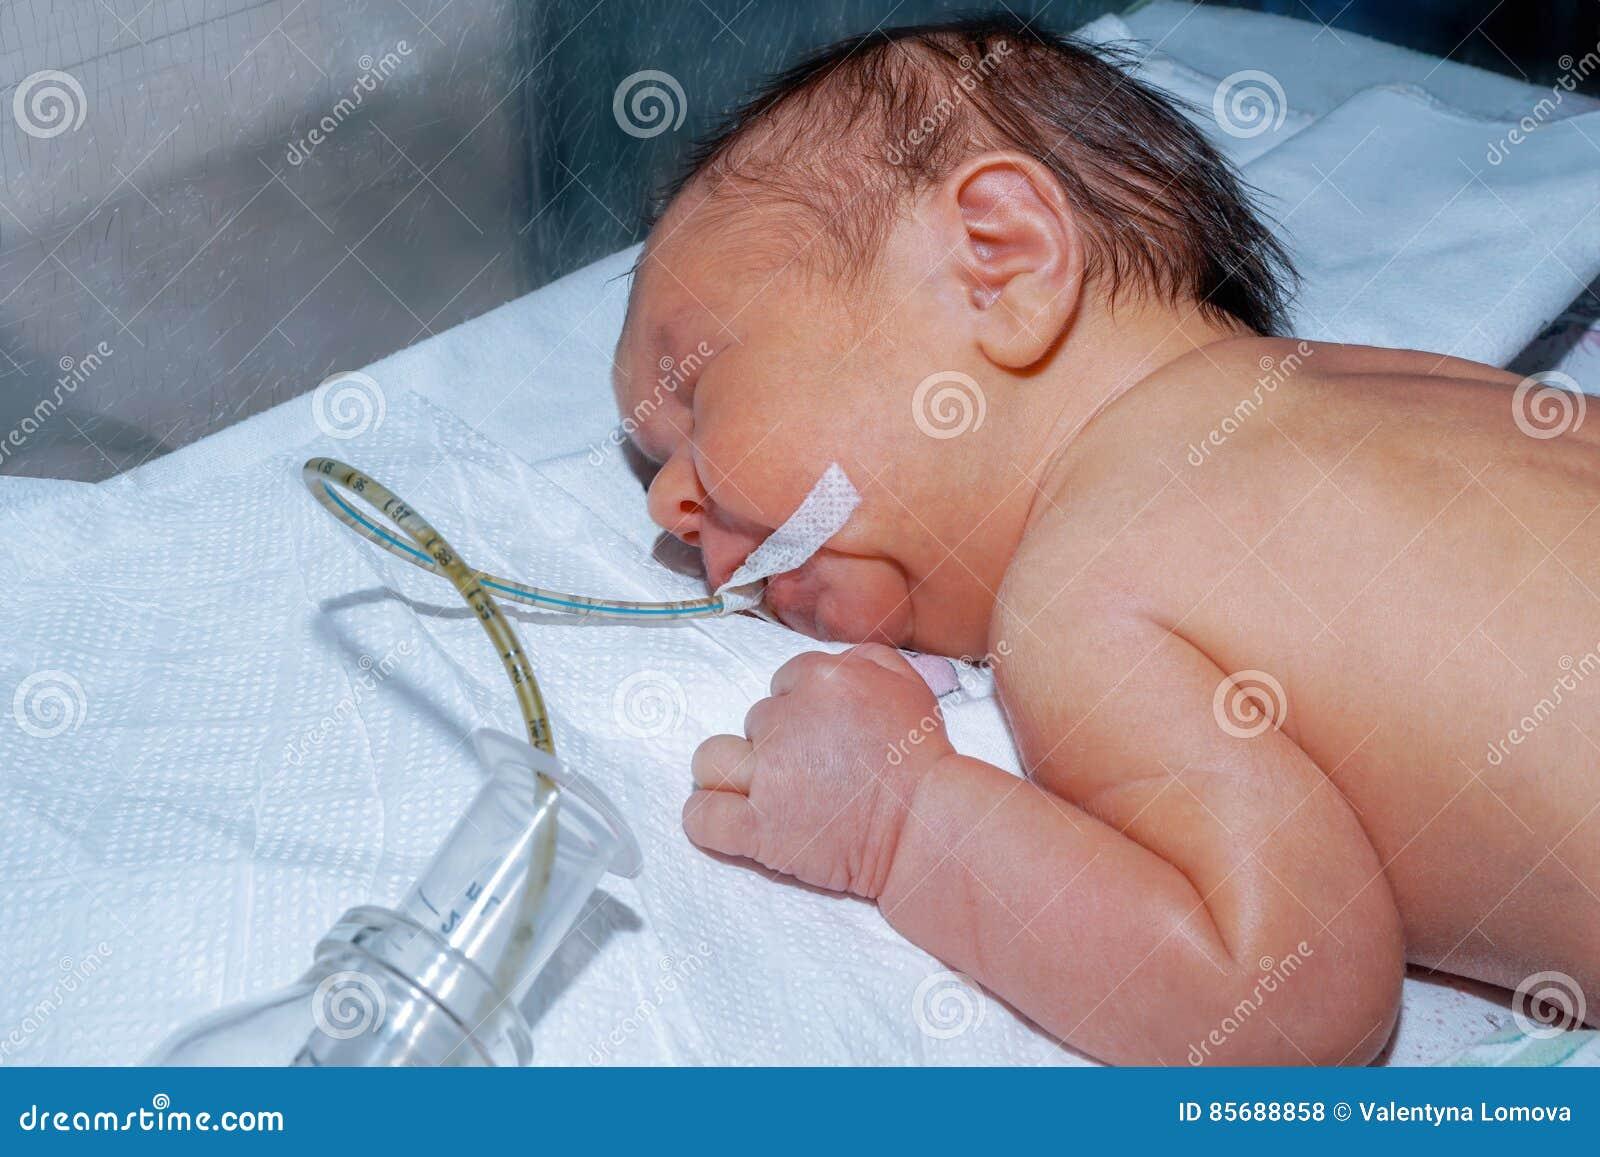 O bebê recém-nascido com icterícia neonatal está dormindo após a cirurgia